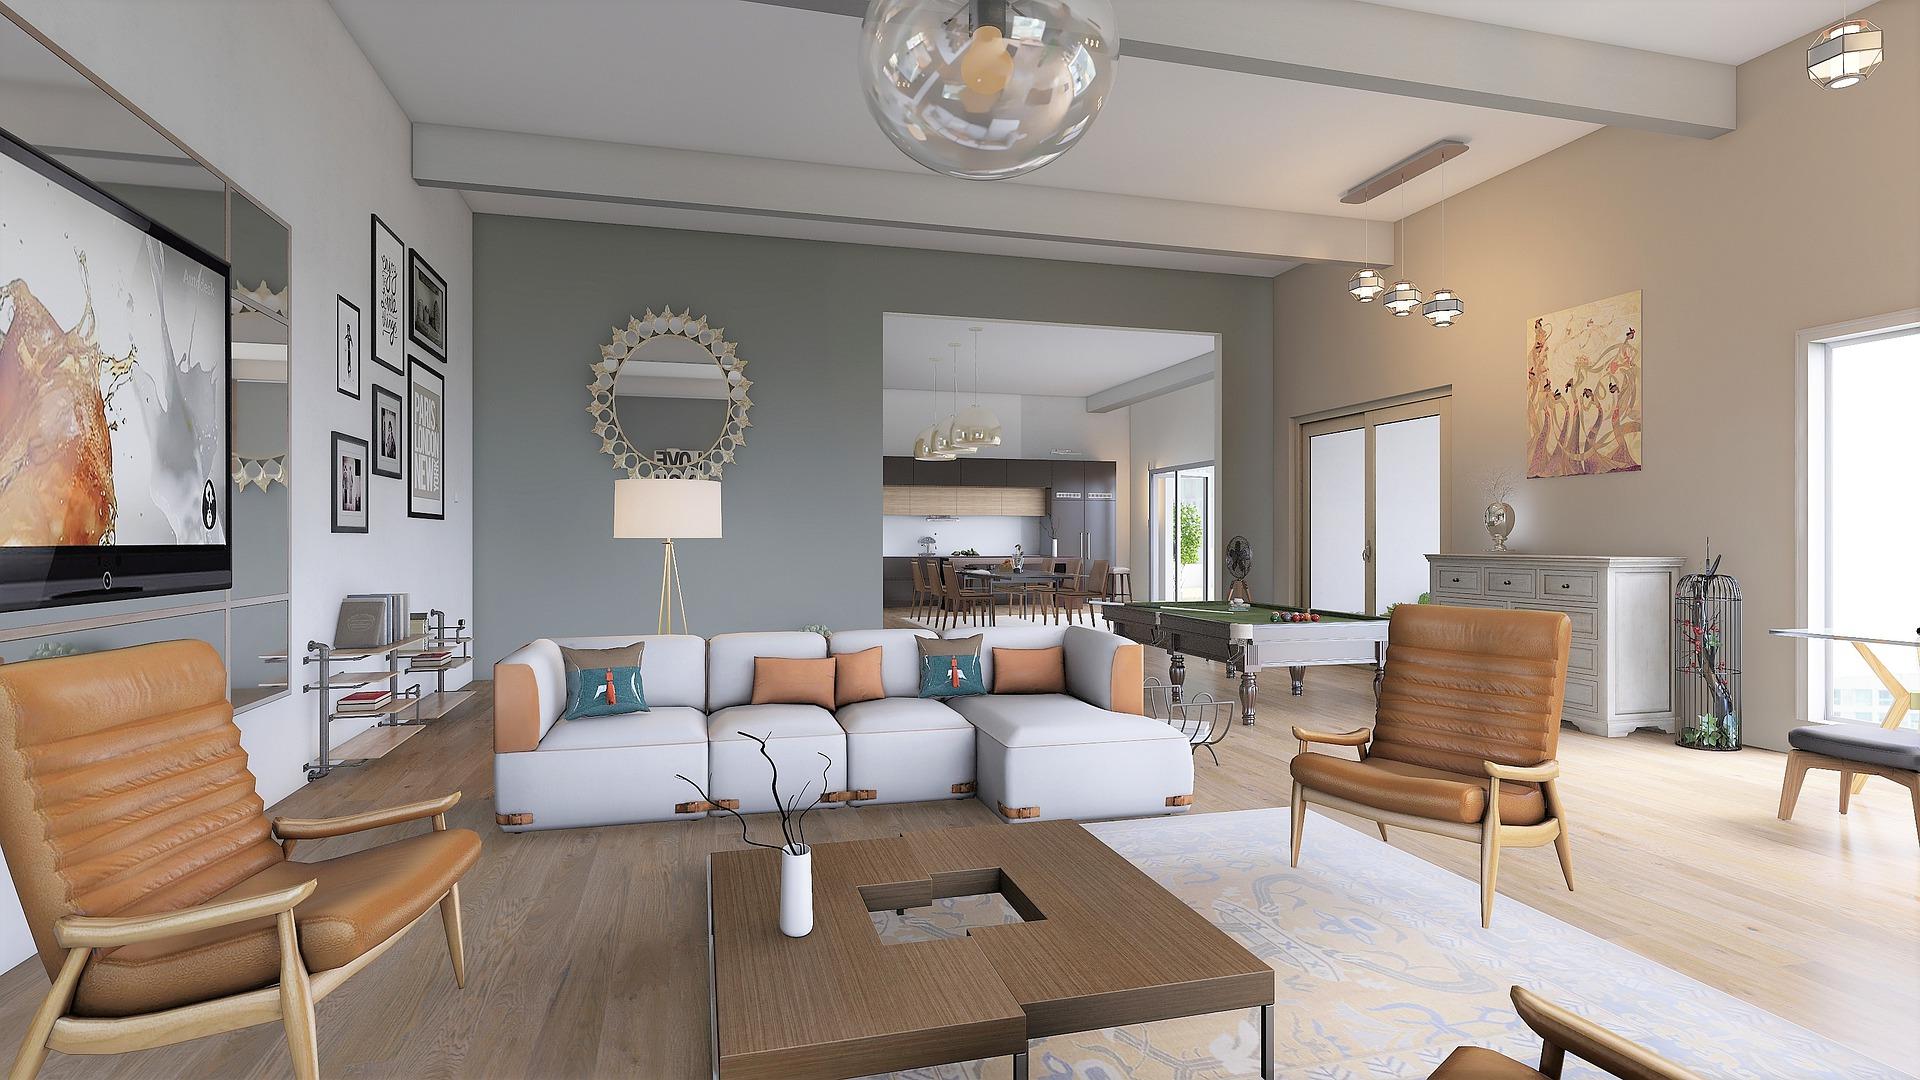 7 idei pentru a face locuinţa să strălucească, oglinzi, culoare, lumina